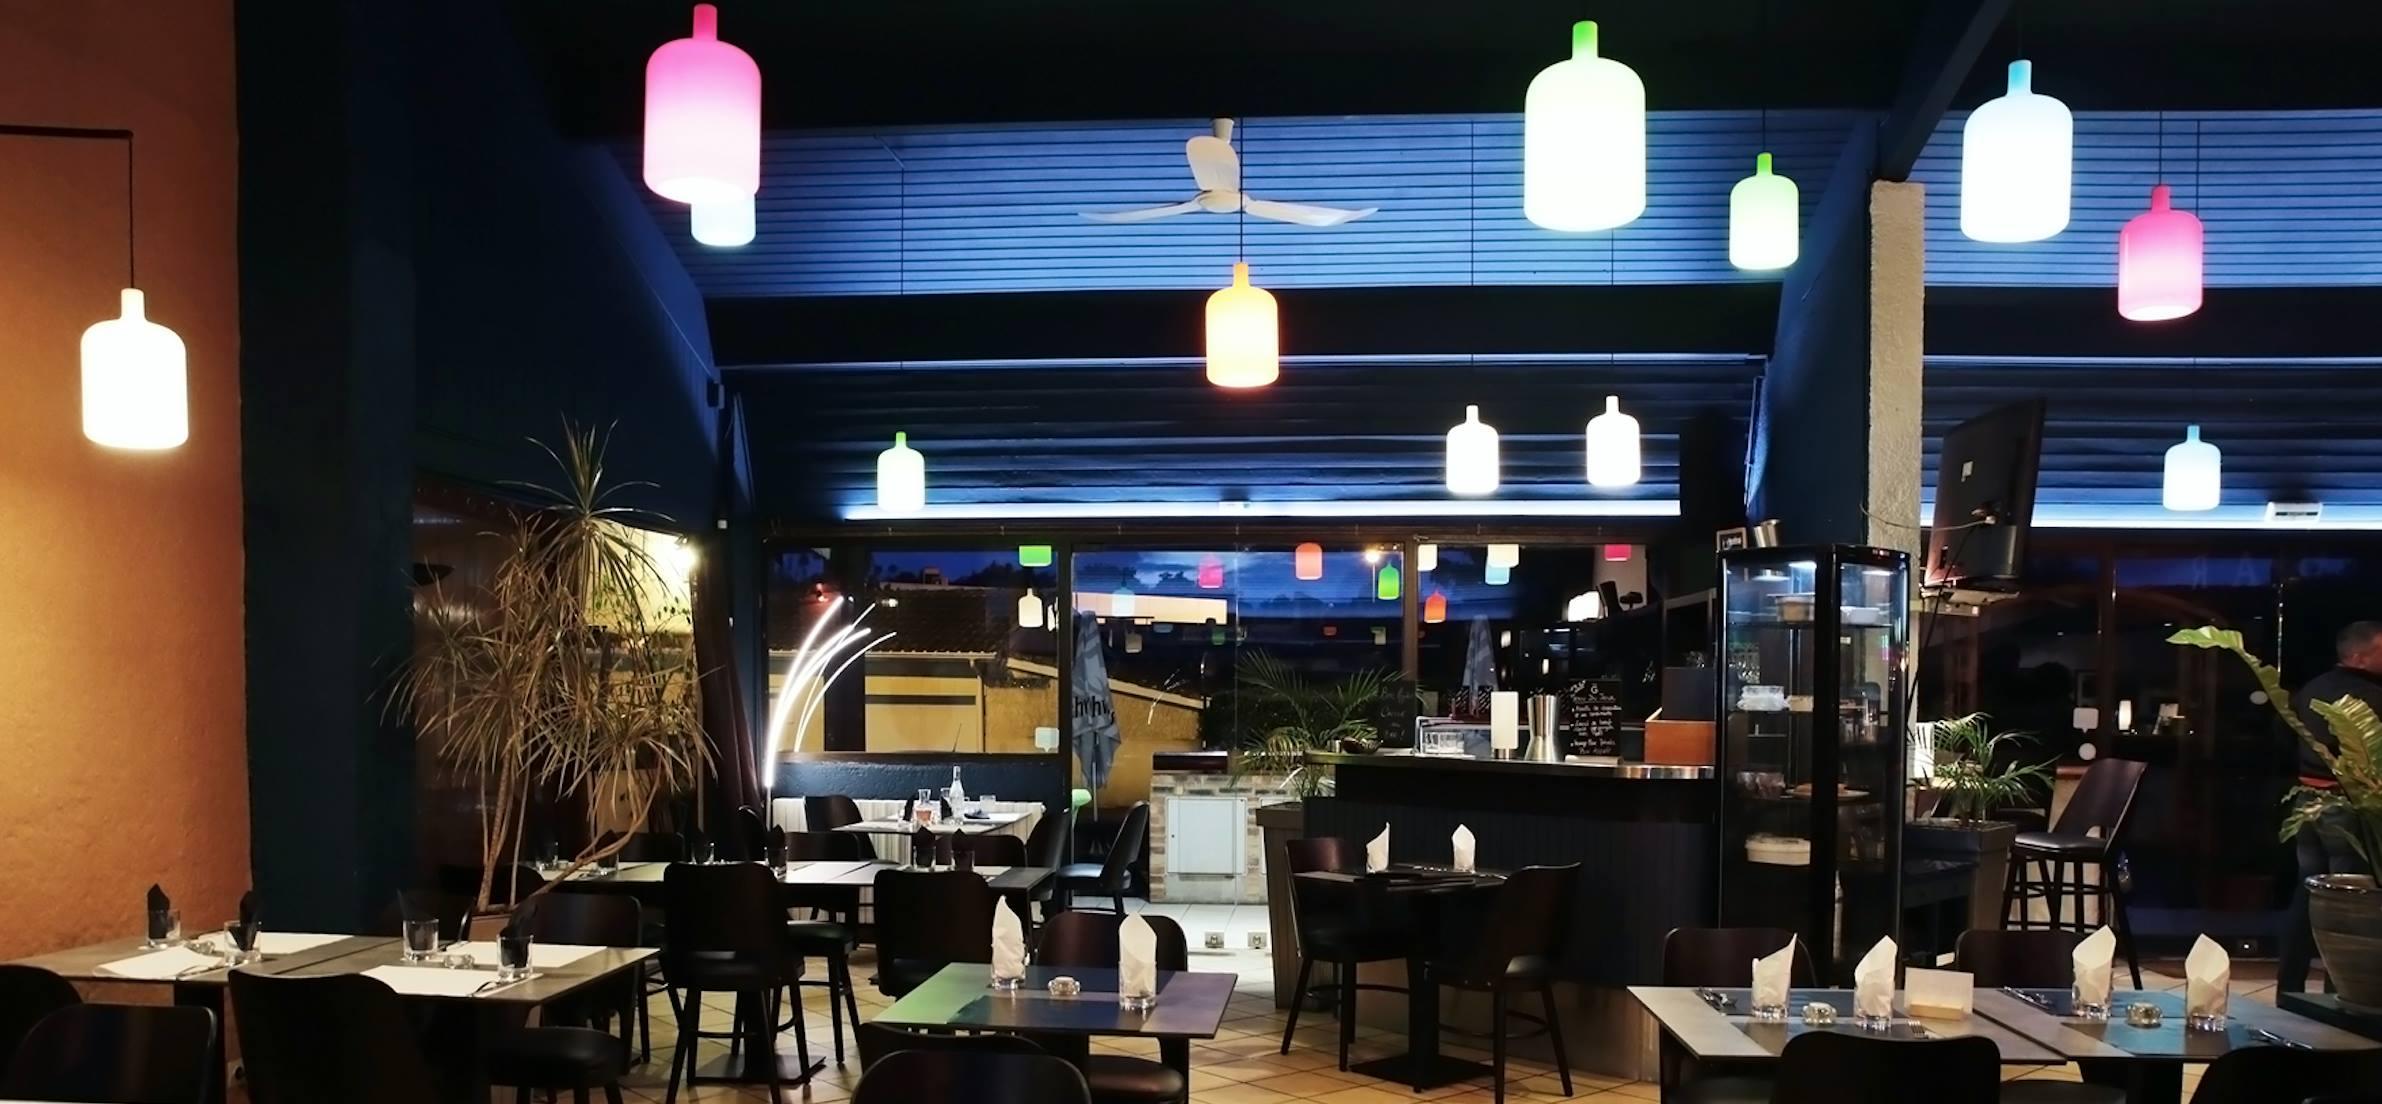 Restaurant Pizzeria Martignas Sur Jalles Photos